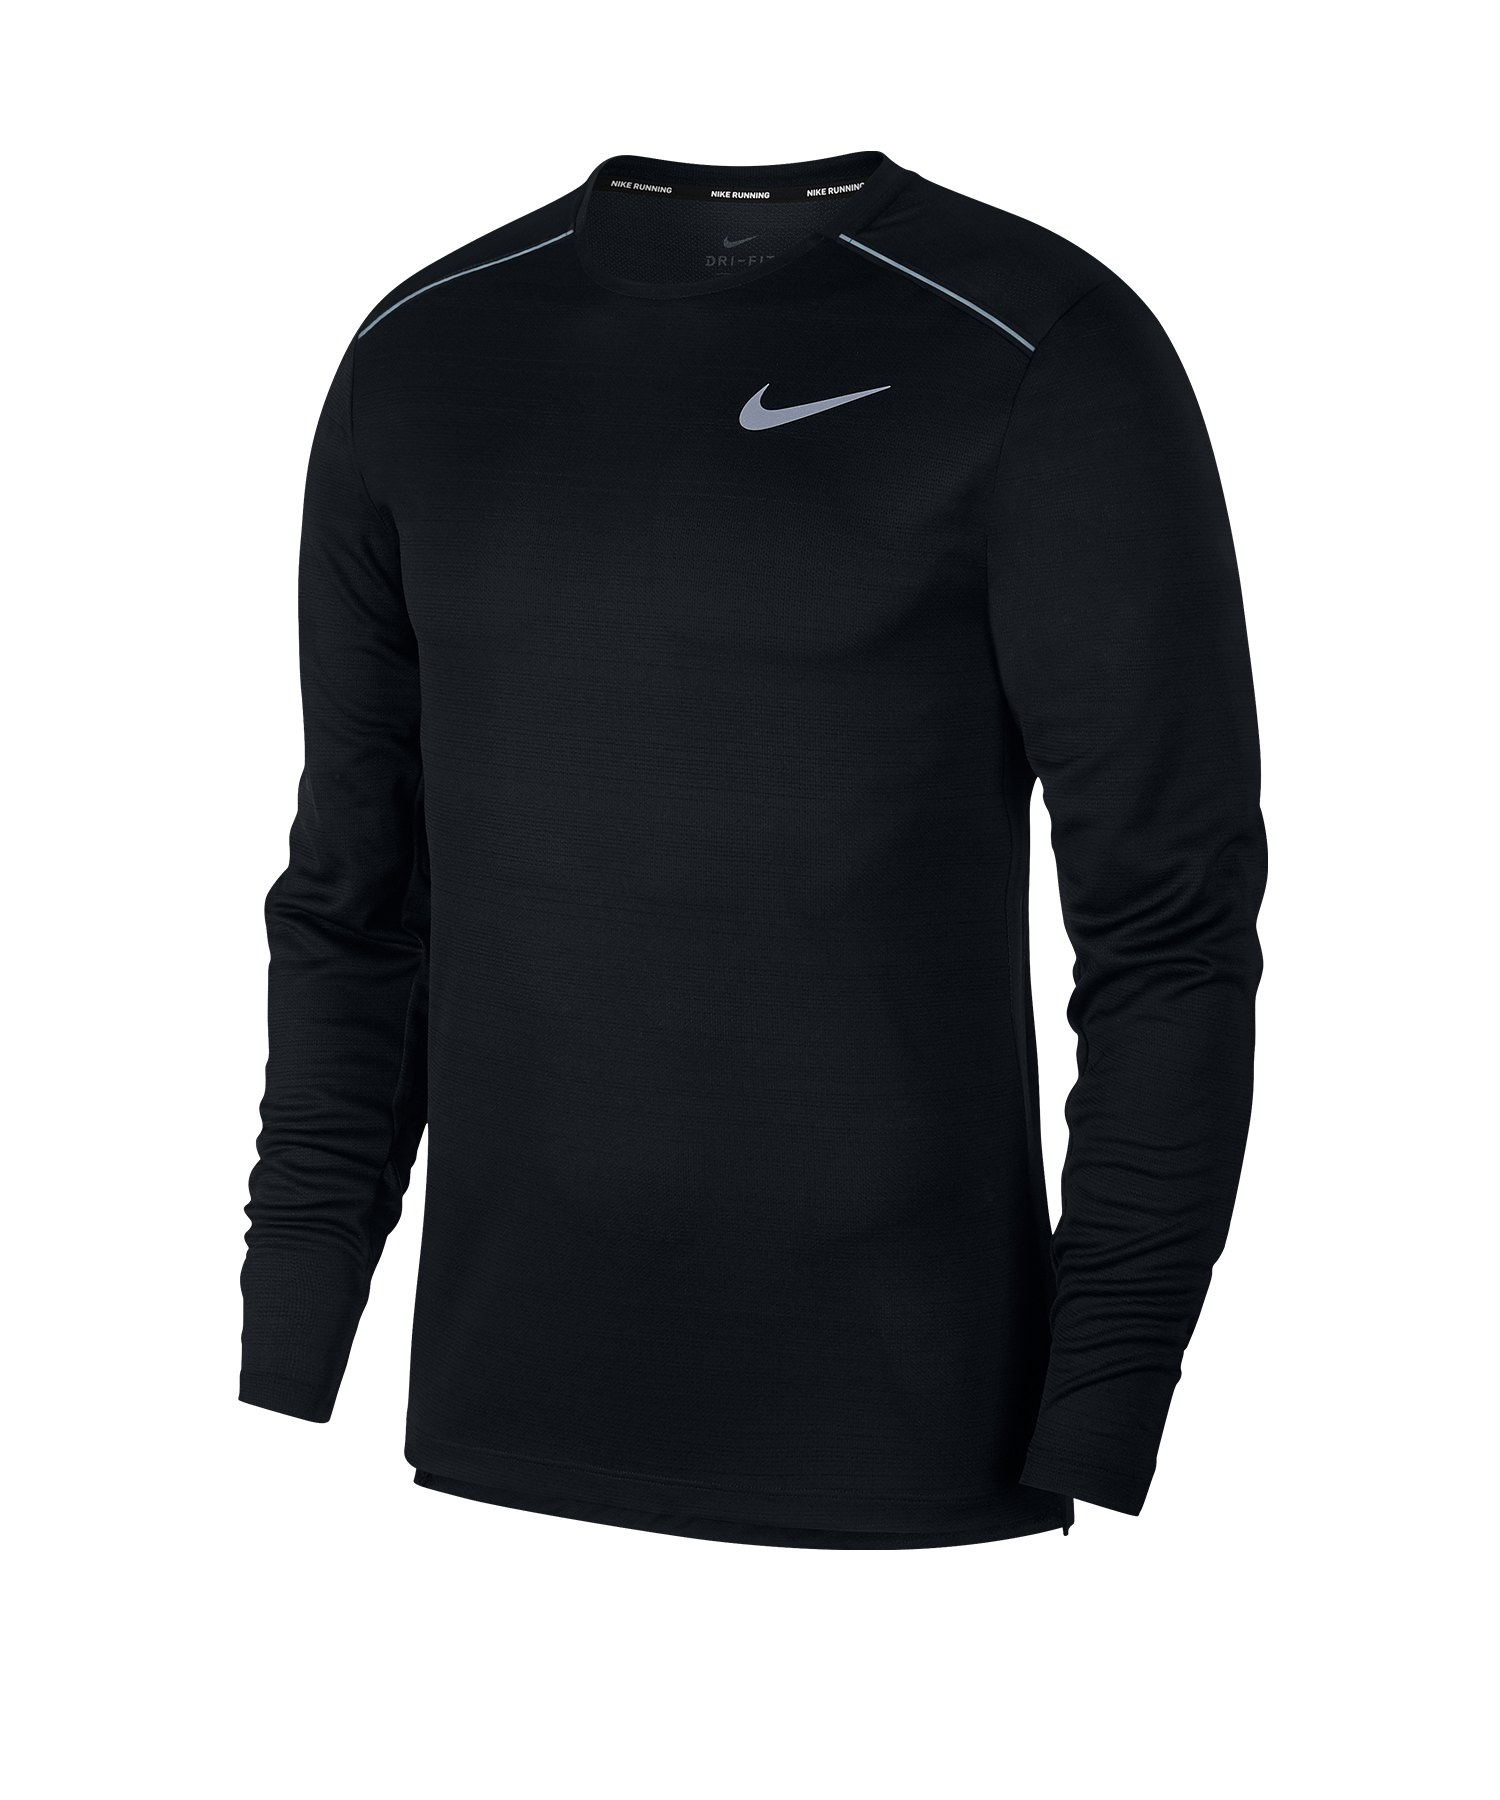 Nike Dry Miler Sweatshirt Running Schwarz F010 - schwarz